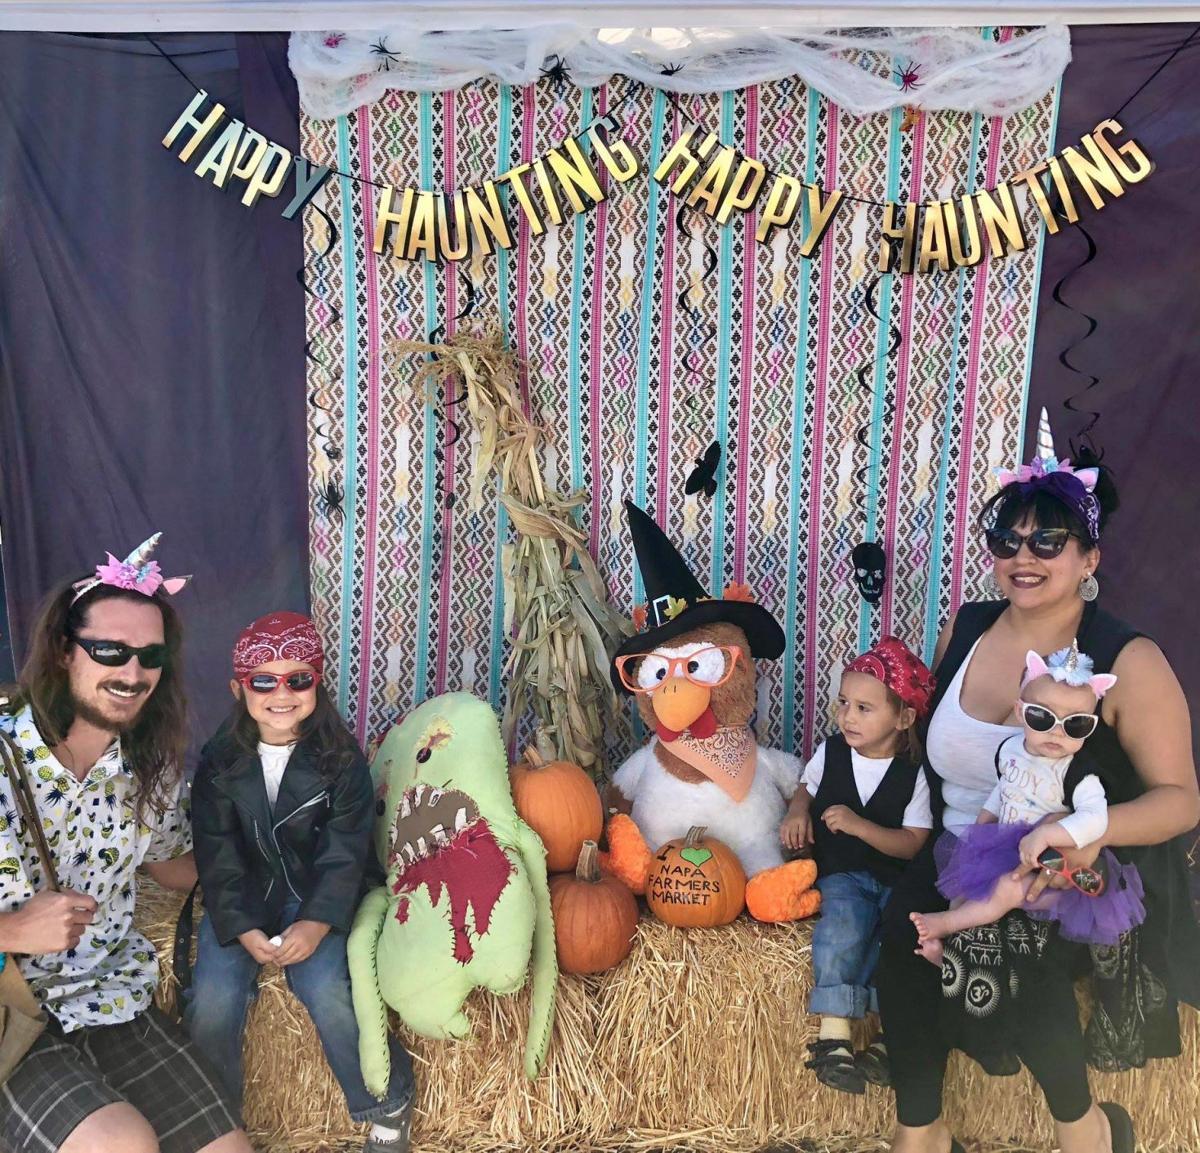 Haunted Market family